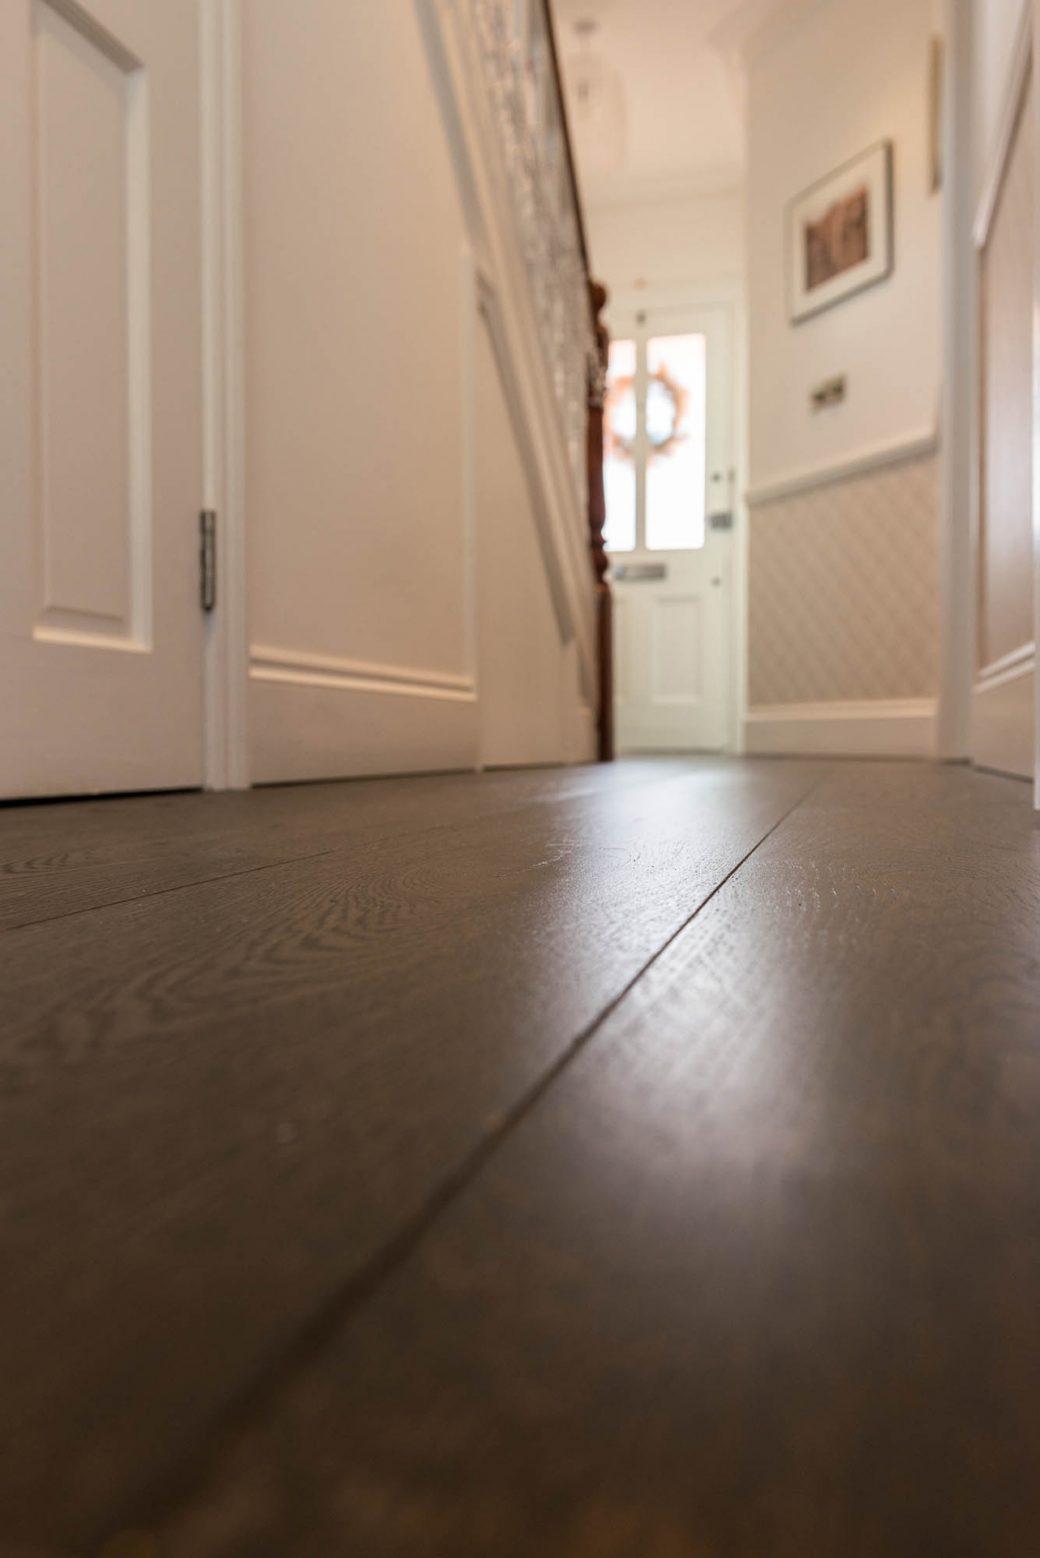 Wooden Floor Close Up